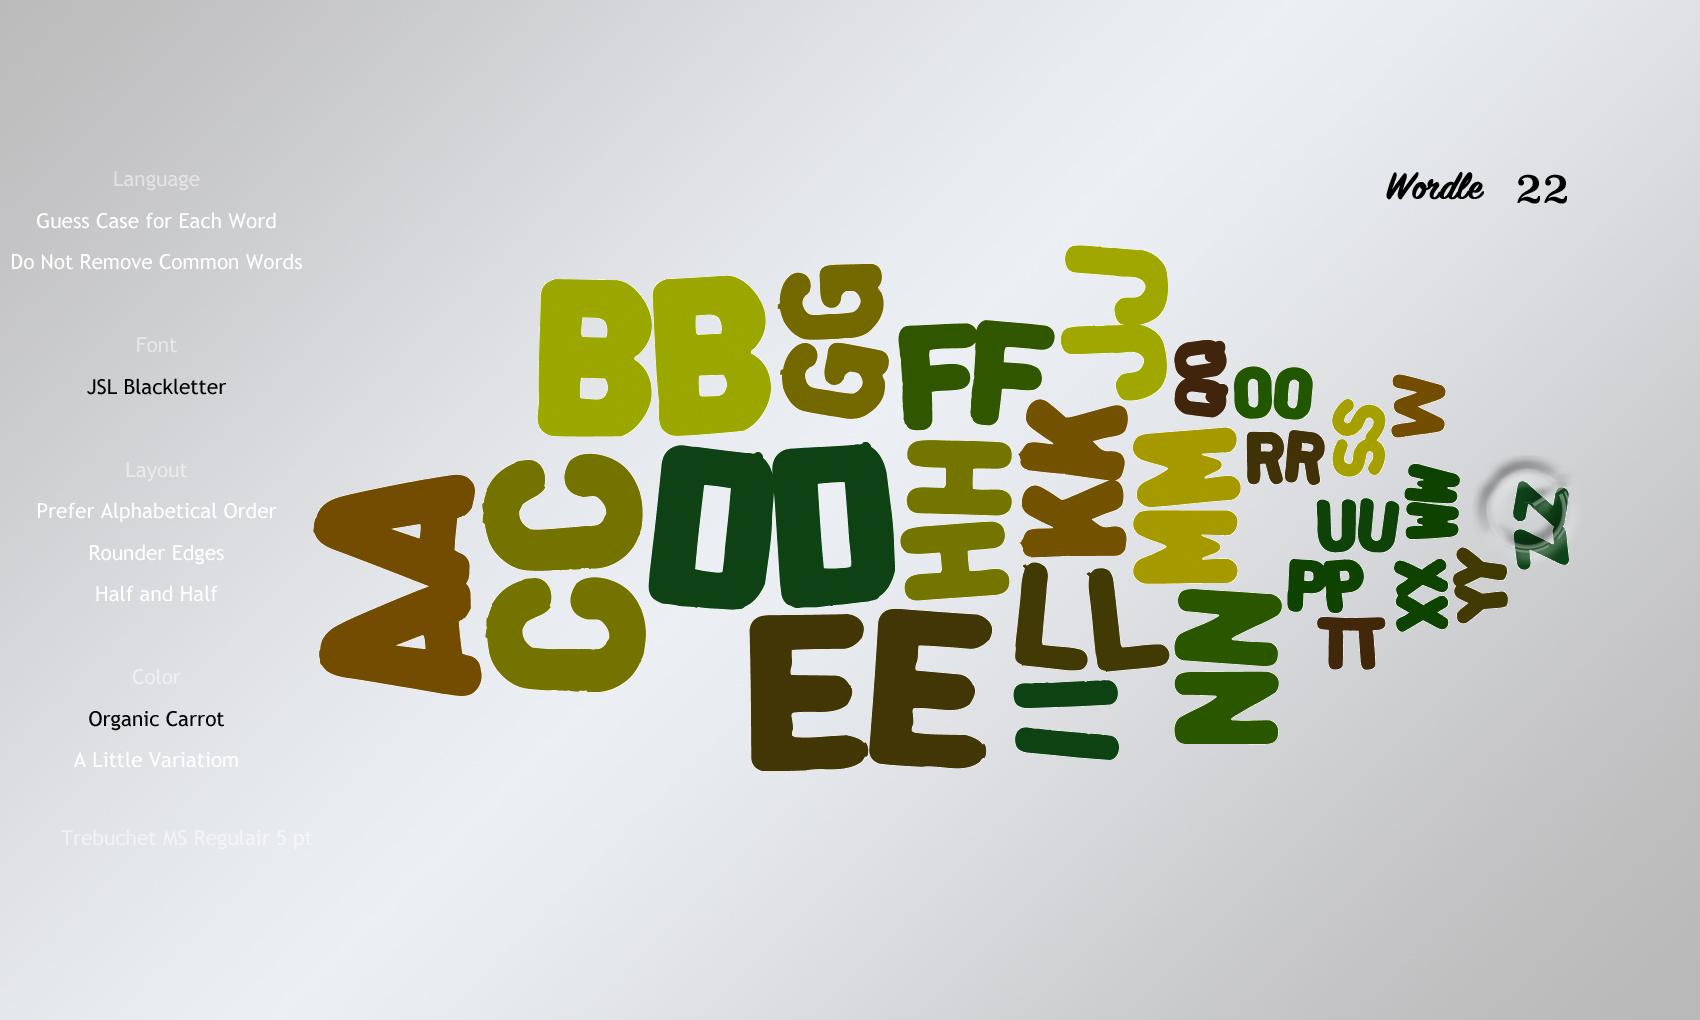 Wordle22 JSL Blackletter